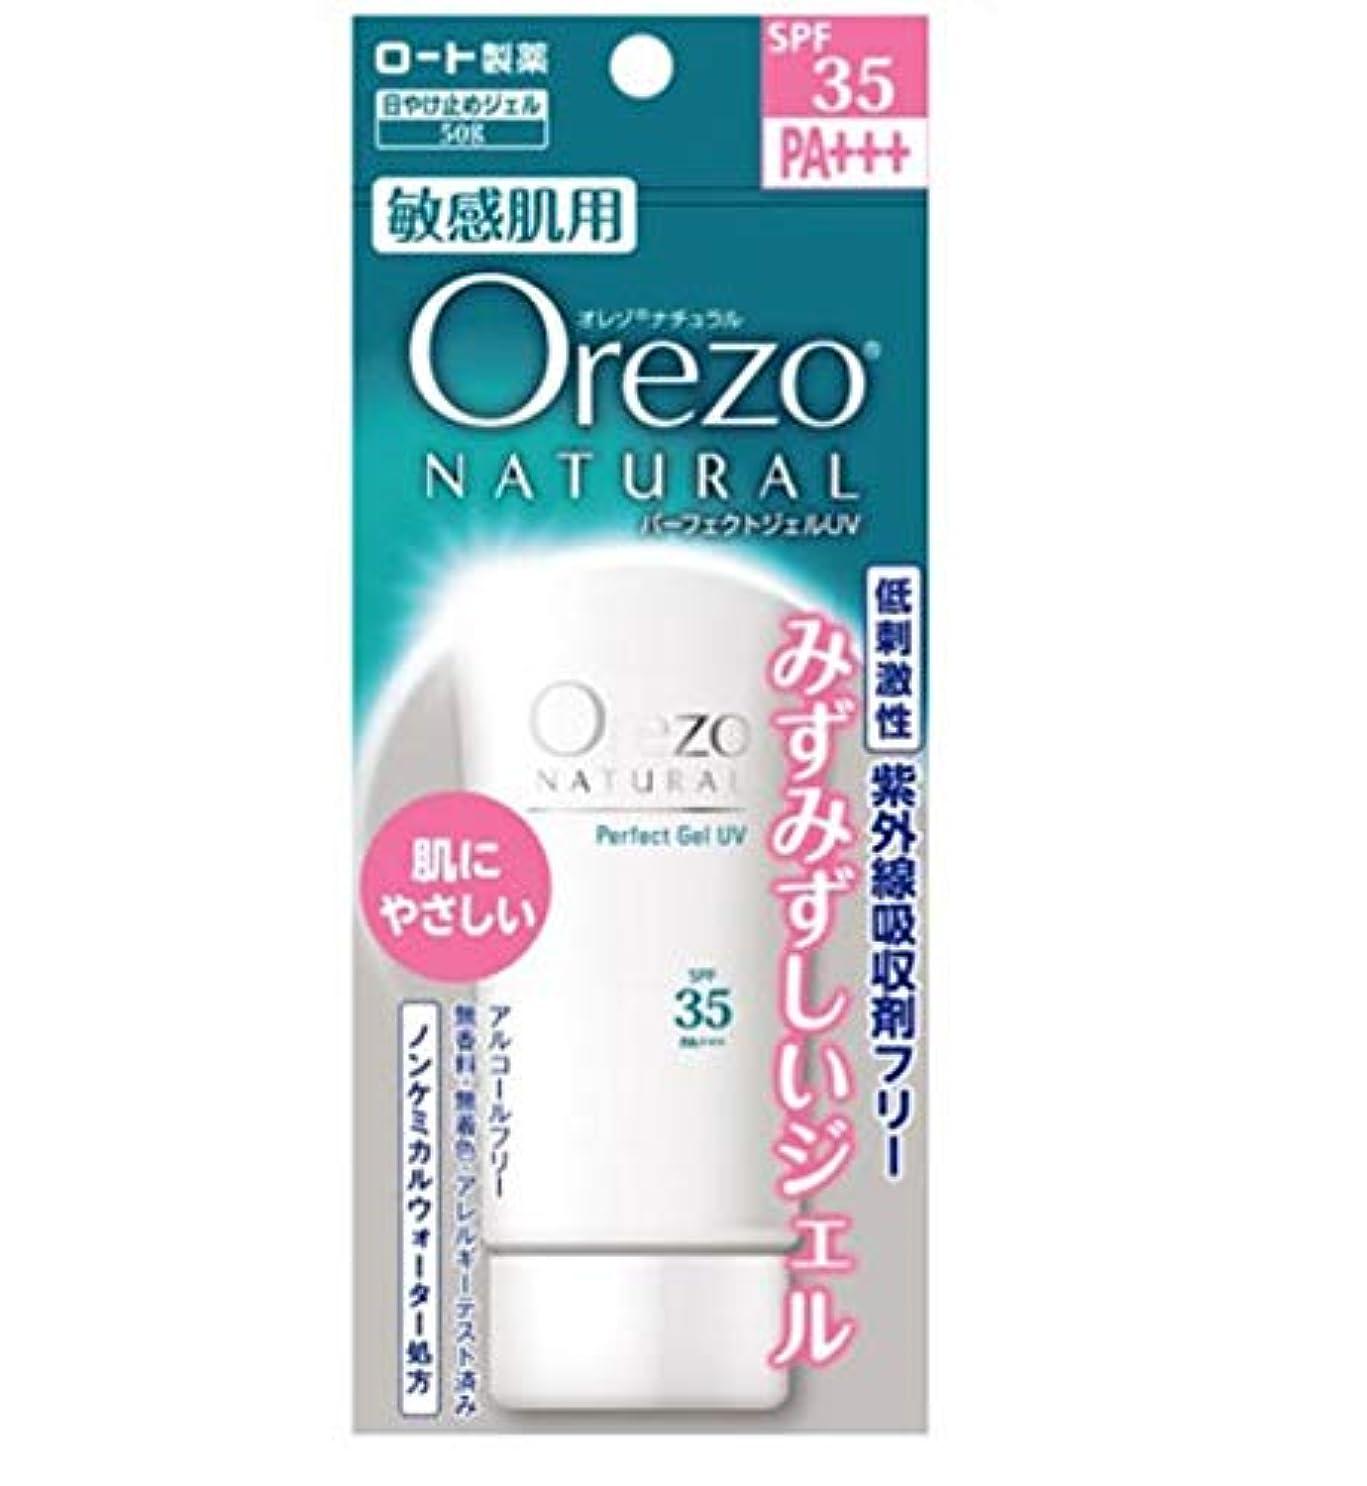 【ロート製薬】 オレゾ ナチュラル パーフェクトジェルUV SPF35/PA+++ 50g